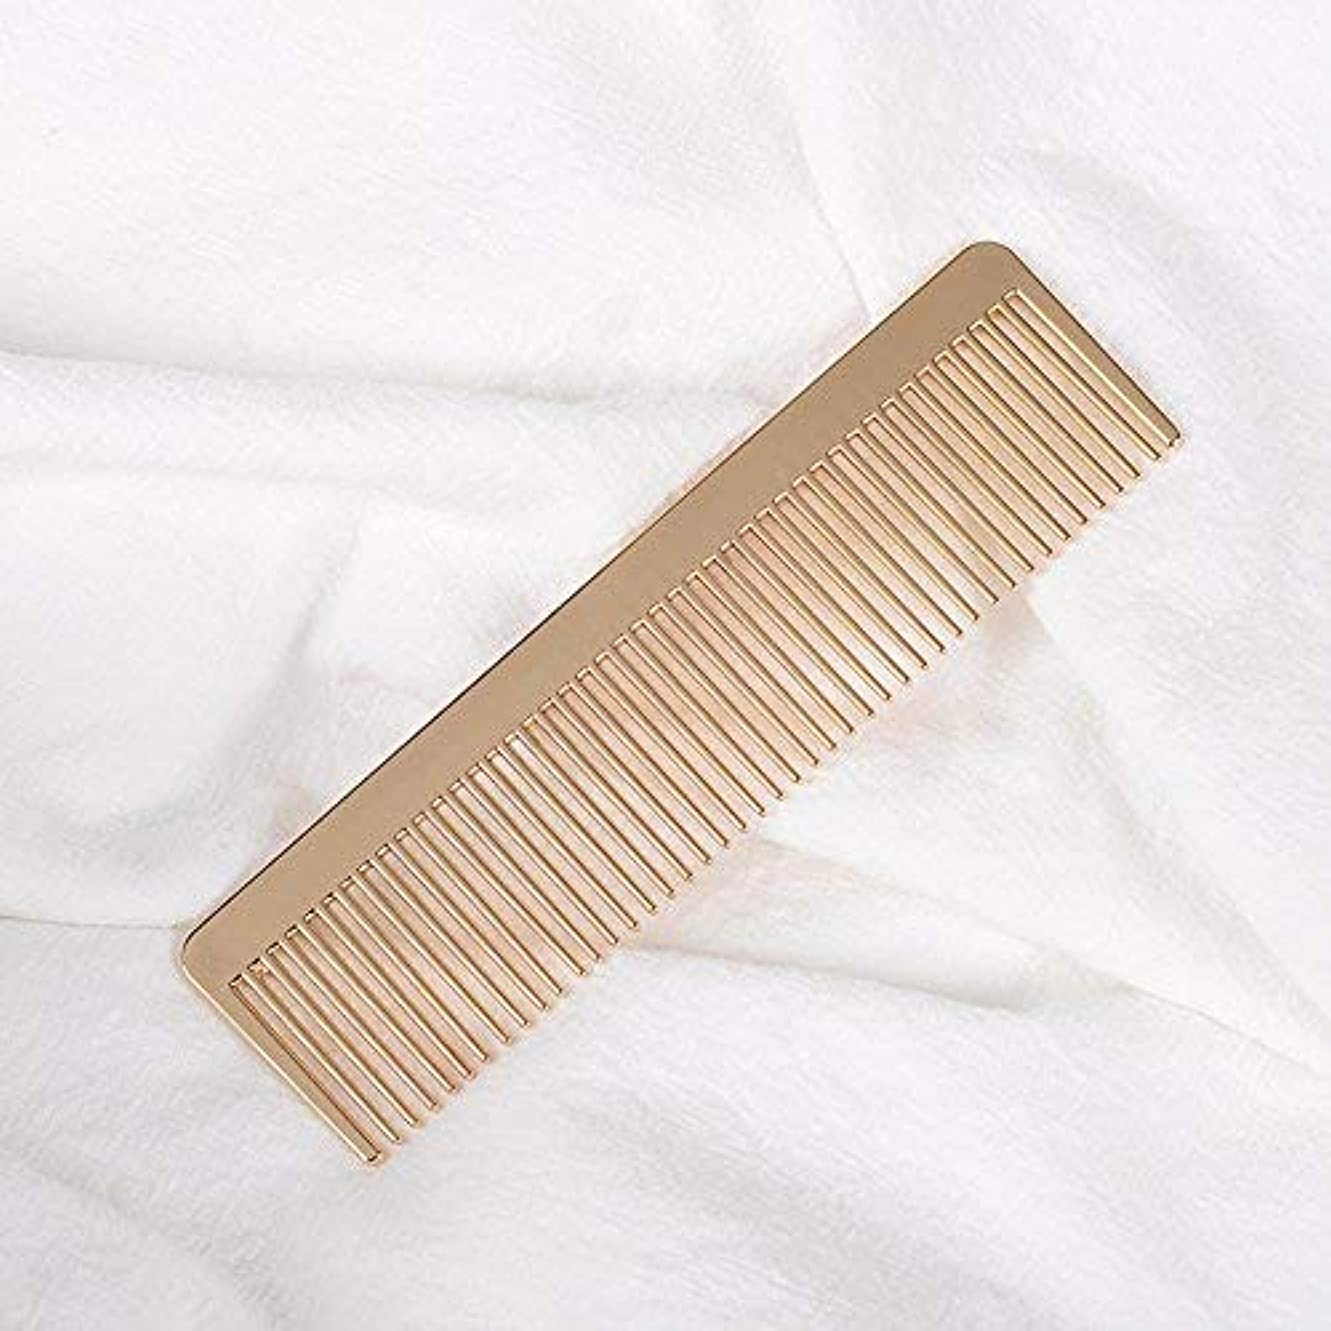 ウガンダ熱望する助けになるGrtdrm Portable Metal Comb, Minimalist Pocket Golden Hair Comb for Women Men Unisex [並行輸入品]